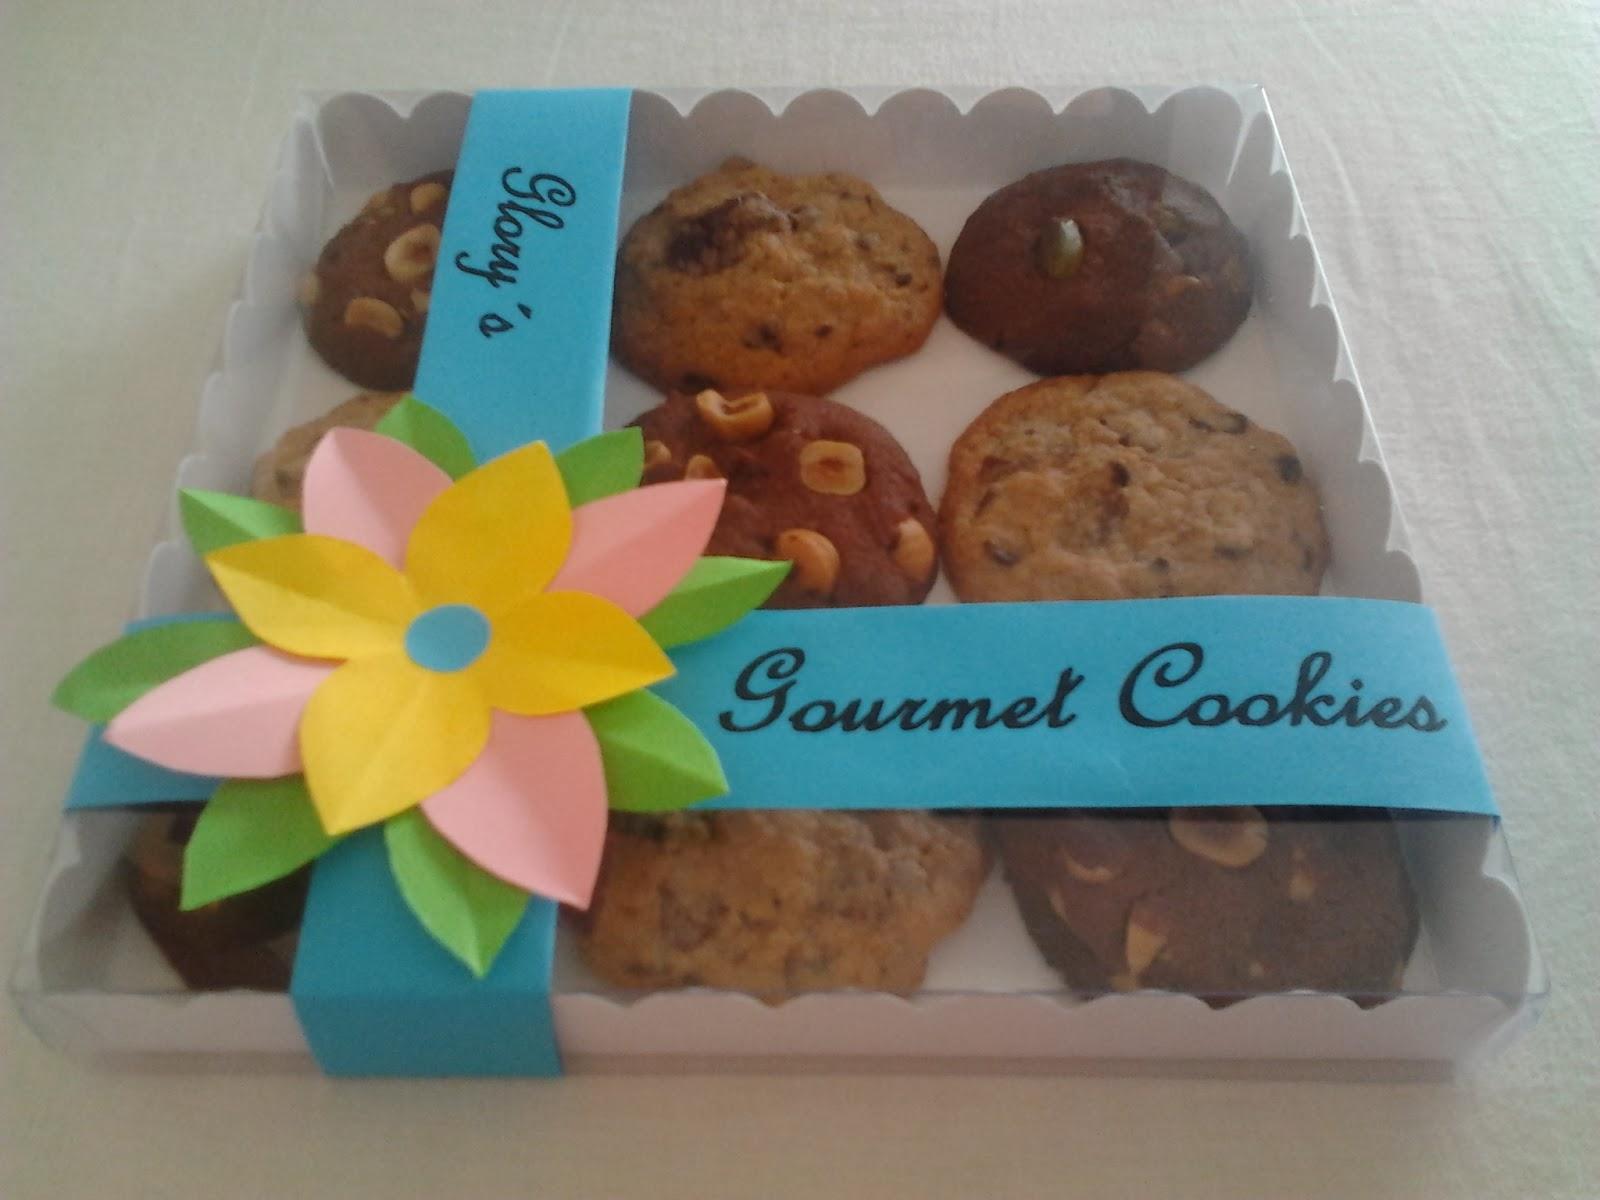 http://www.sumergeteydisfruta.com/p/glorys-gourmet-cookies.html